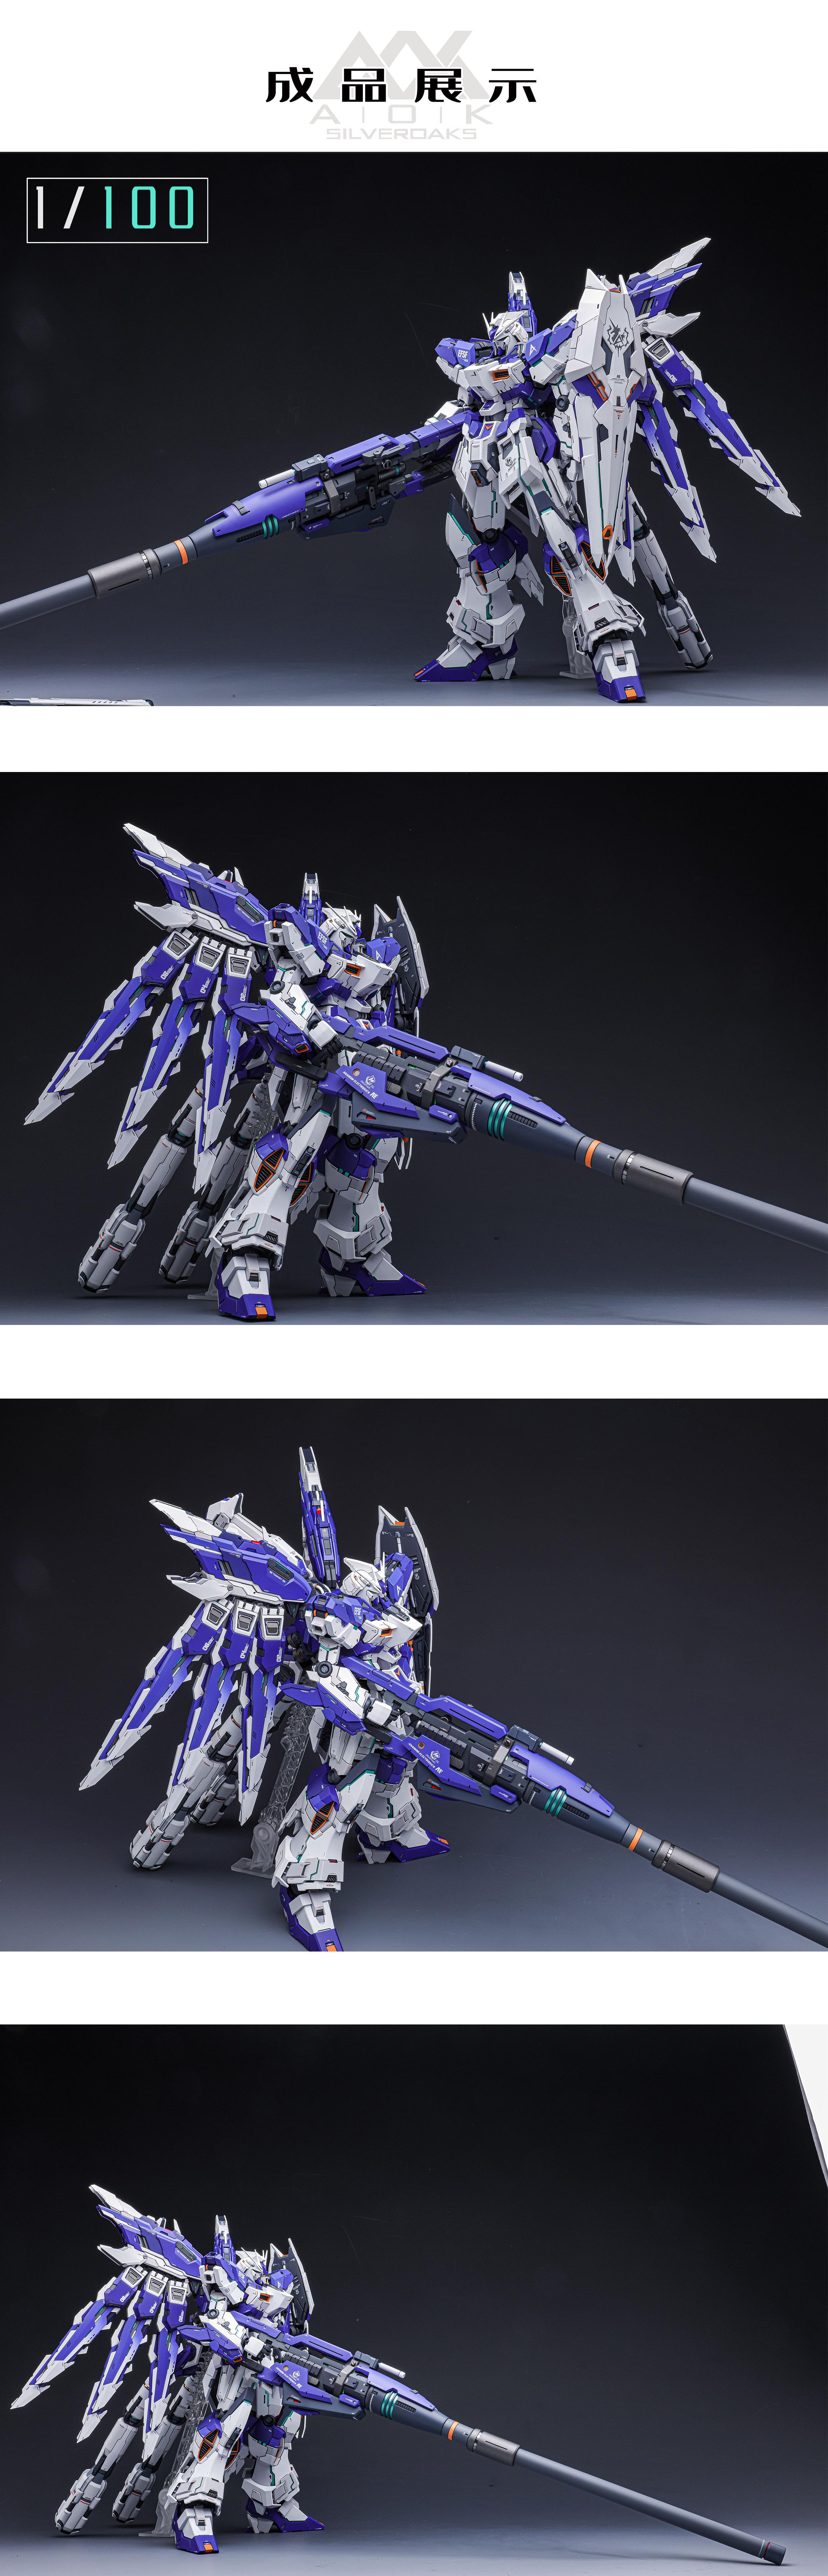 G822_rg_MG_mega_bazooka_launcher_AOK_004.jpg